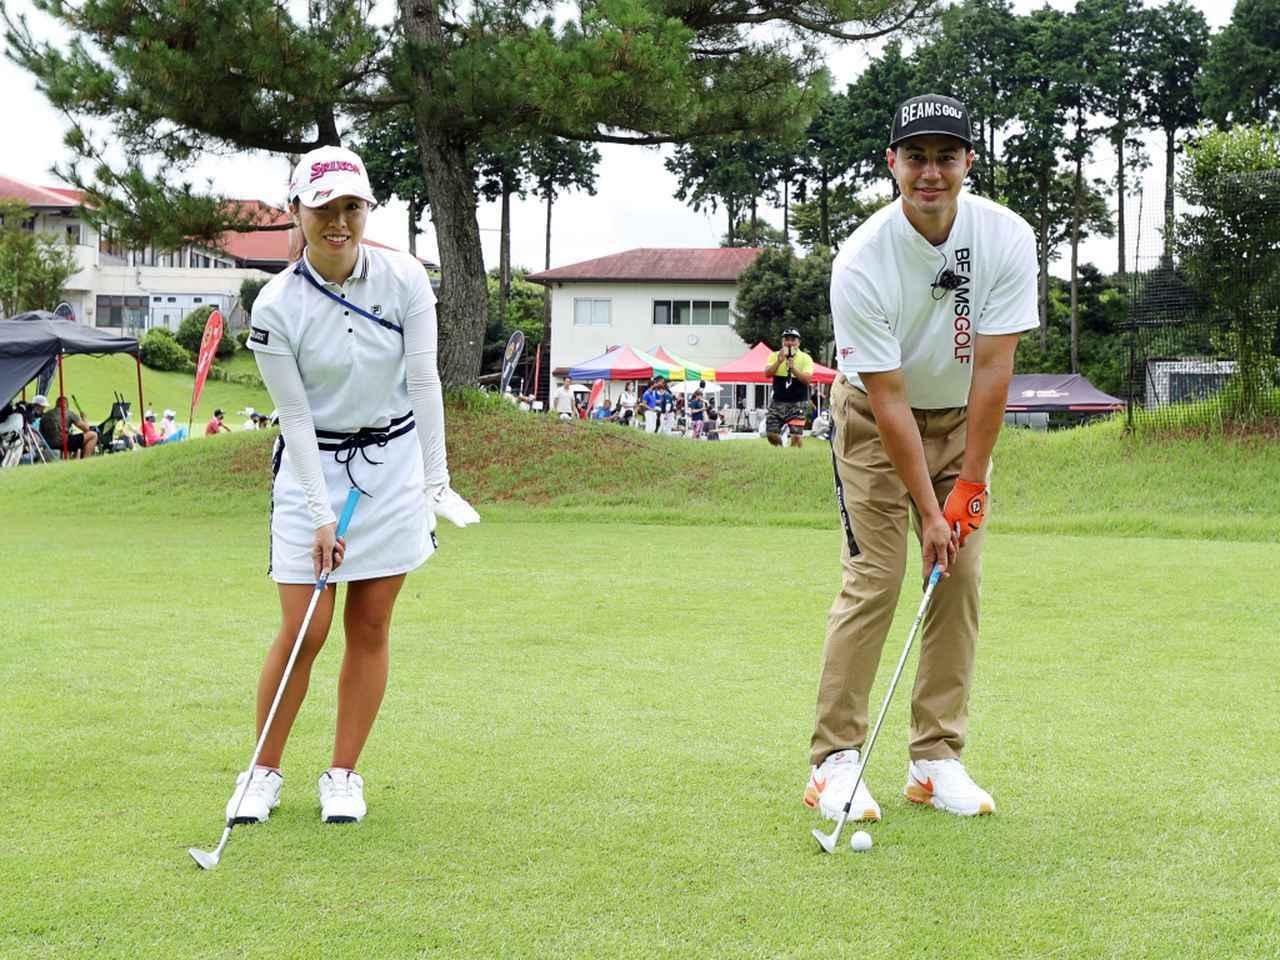 画像: 低く出すアプローチでは、ボール位置は右足の前。グリップは短く持ち、左足ふとももの前にセット。左足体重で構えるのが正解